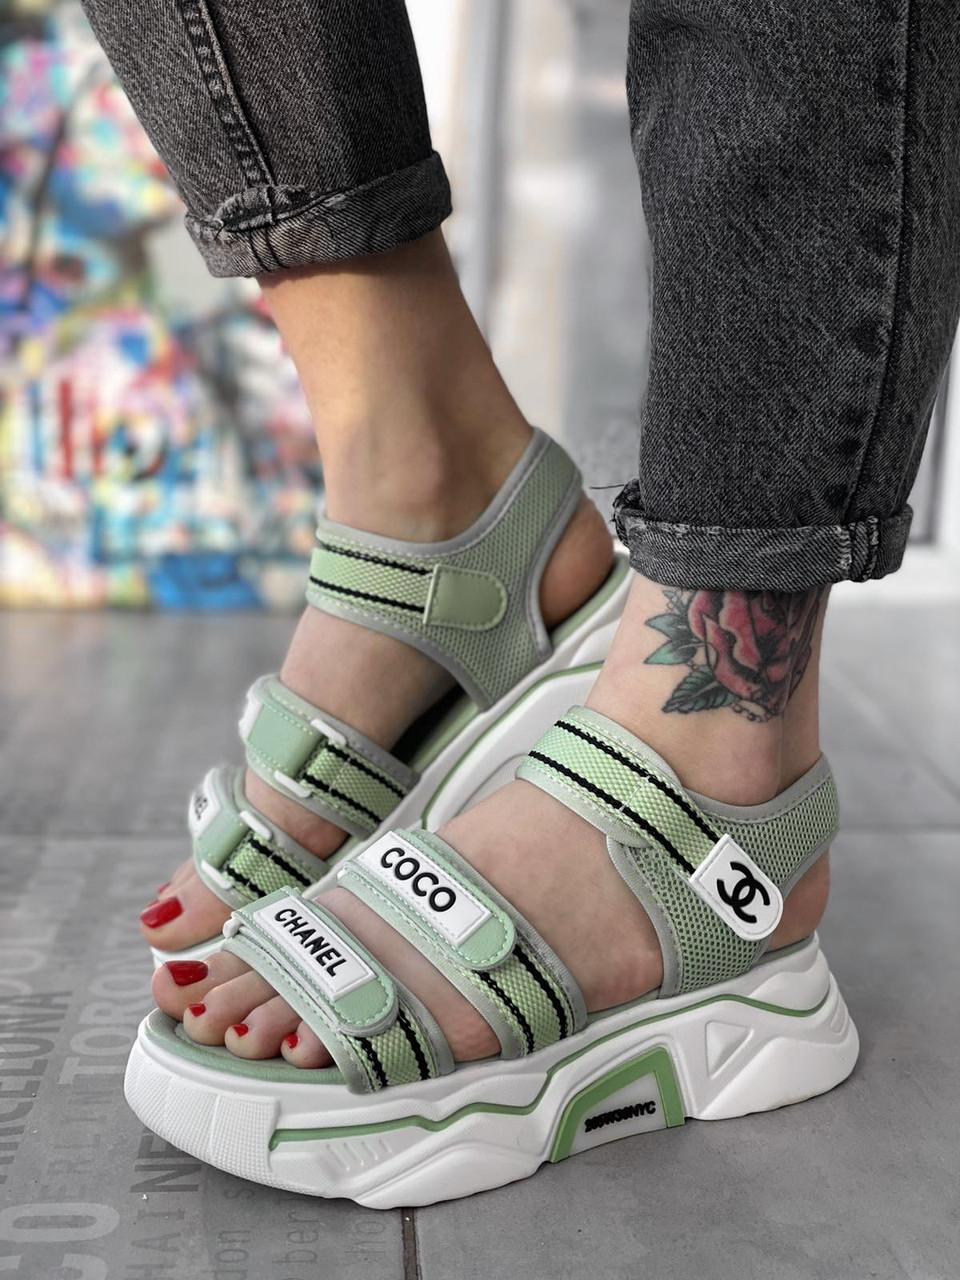 Босоніжки жіночі CH*NEL босоніжки спорт тканинні літнє взуття, жіноча репліка копія